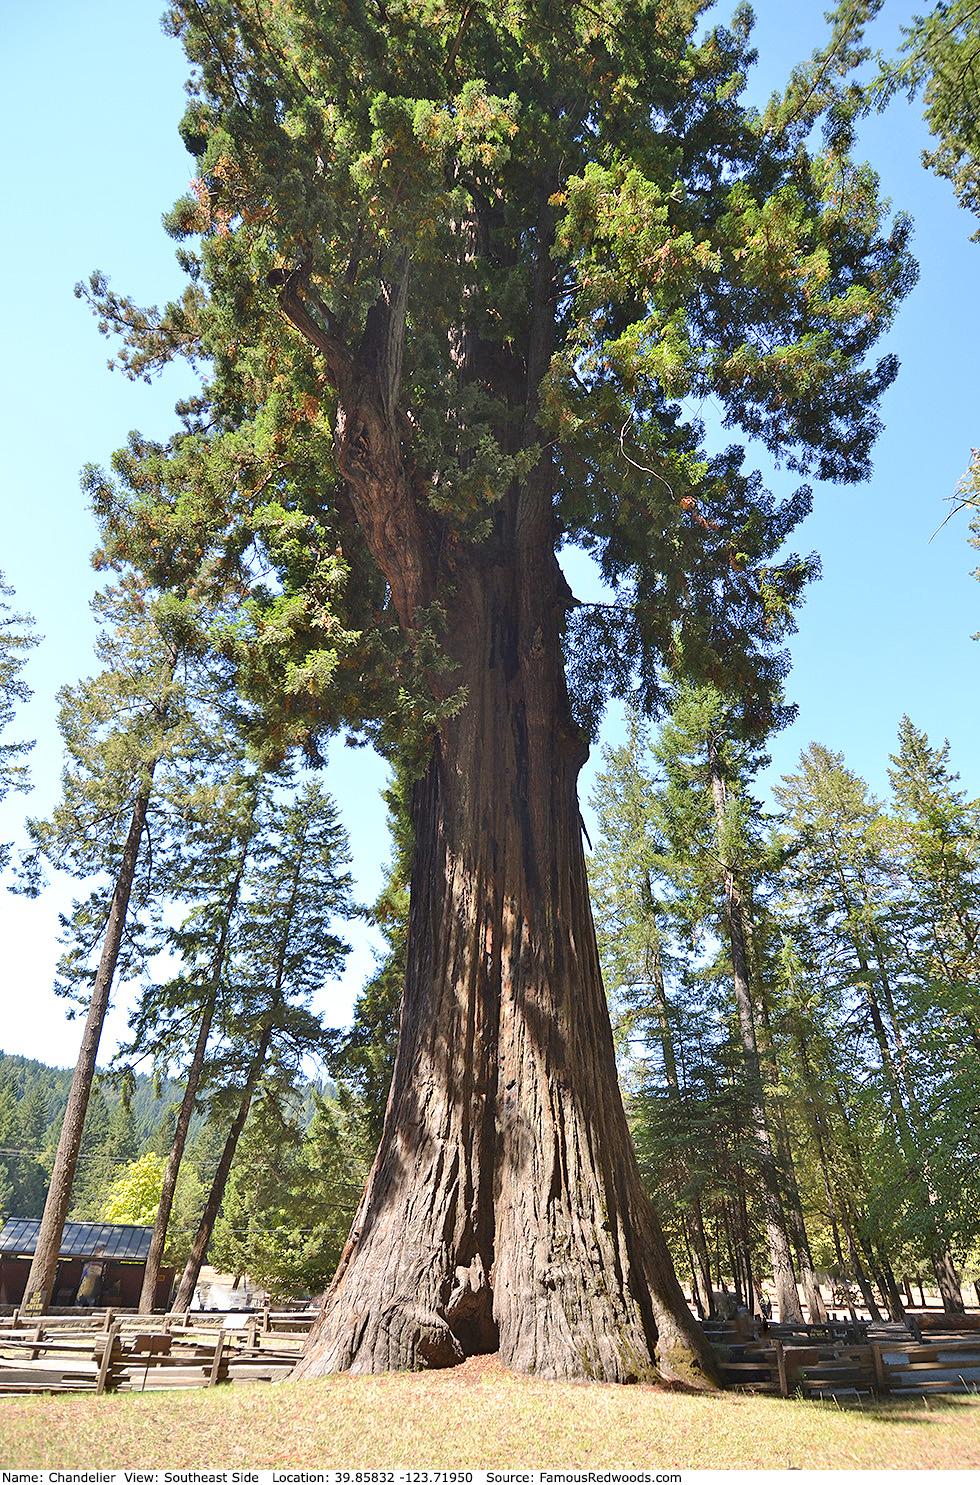 Chandelier Tree - Famous Redwoods